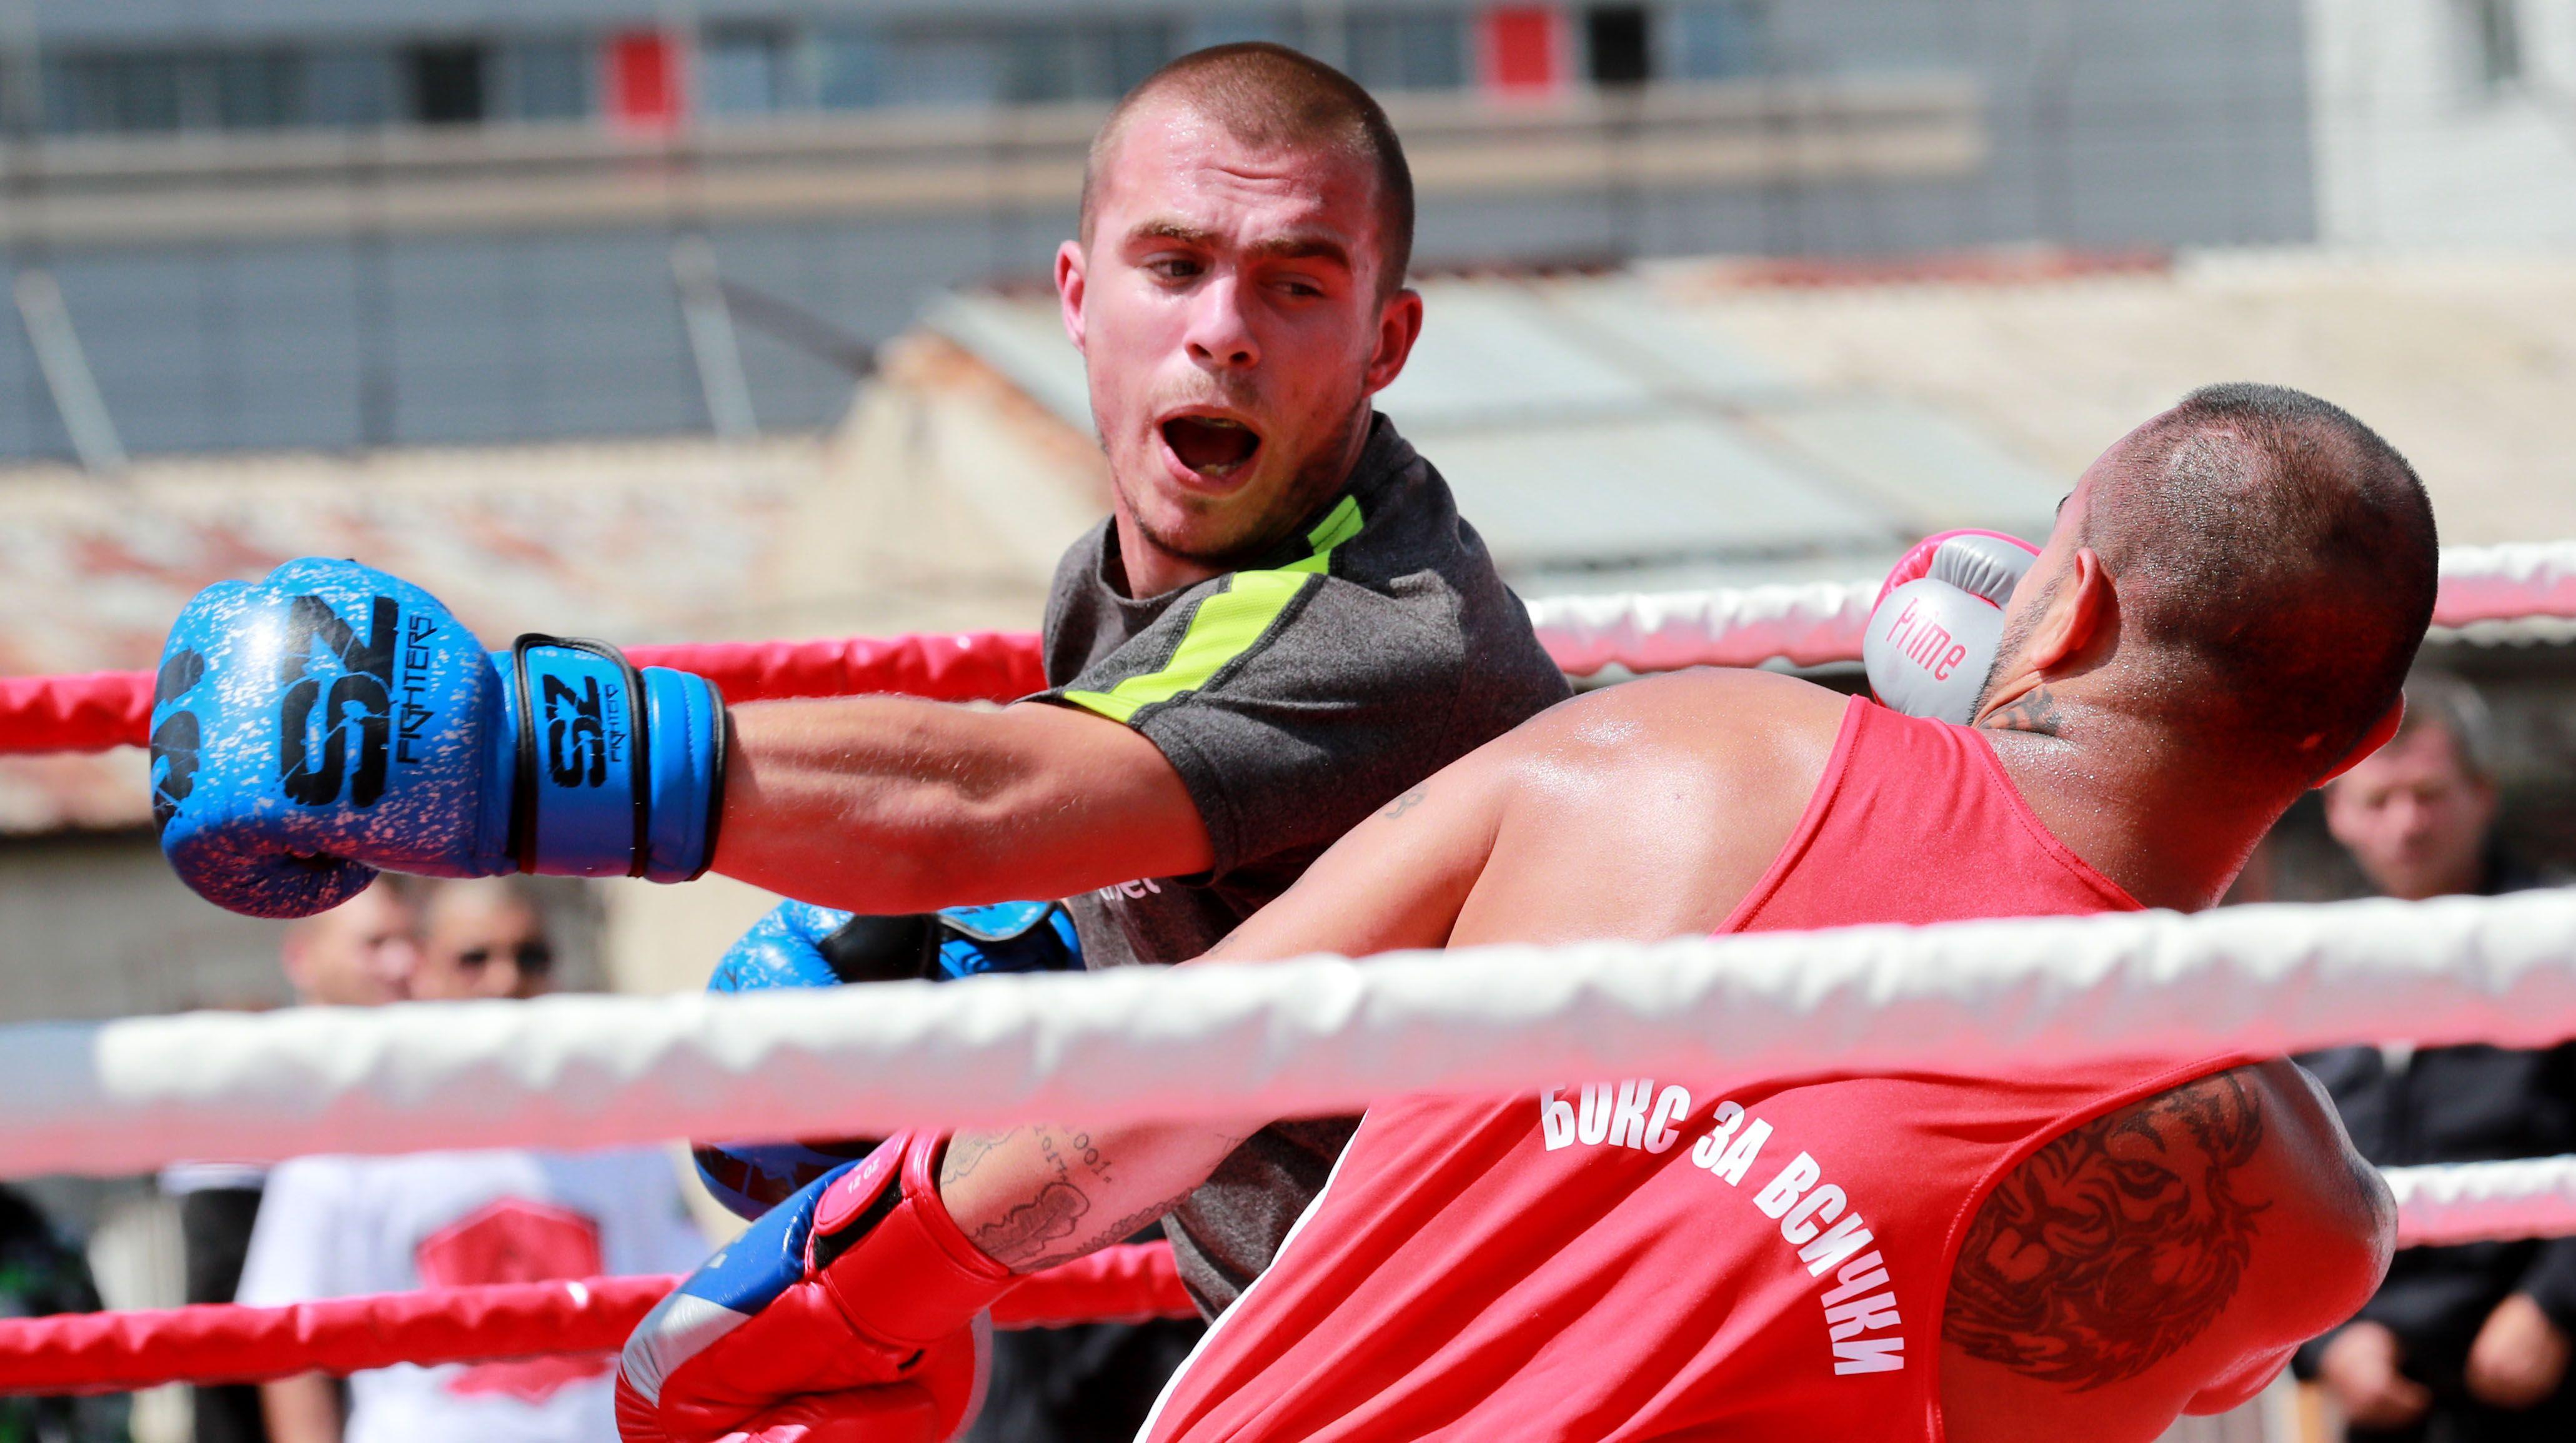 Кралев, Инински и олимпийски шампион изгледаха турнир в затвора